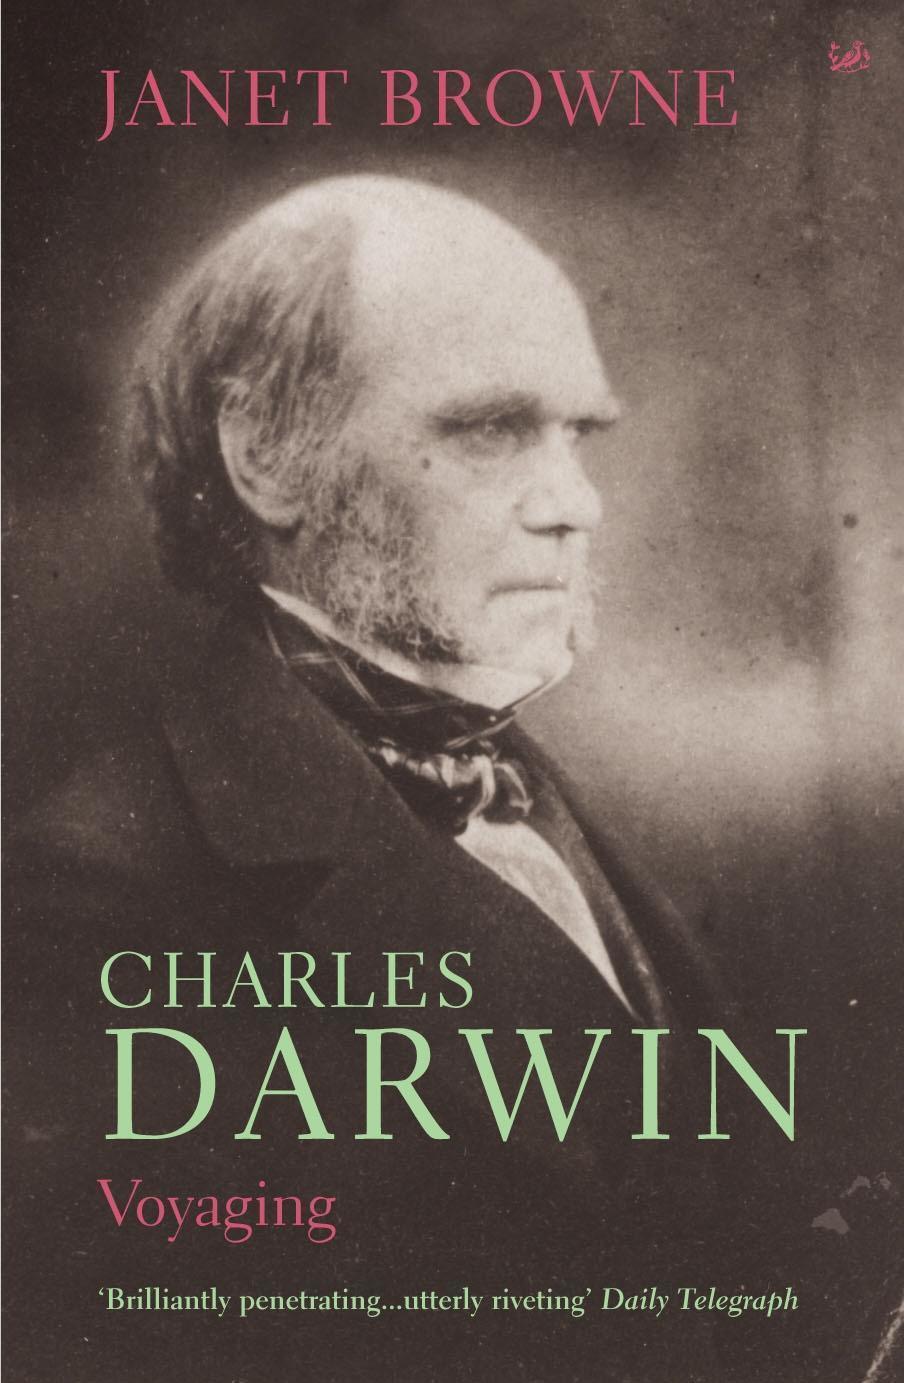 Charles Darwin: Voyaging